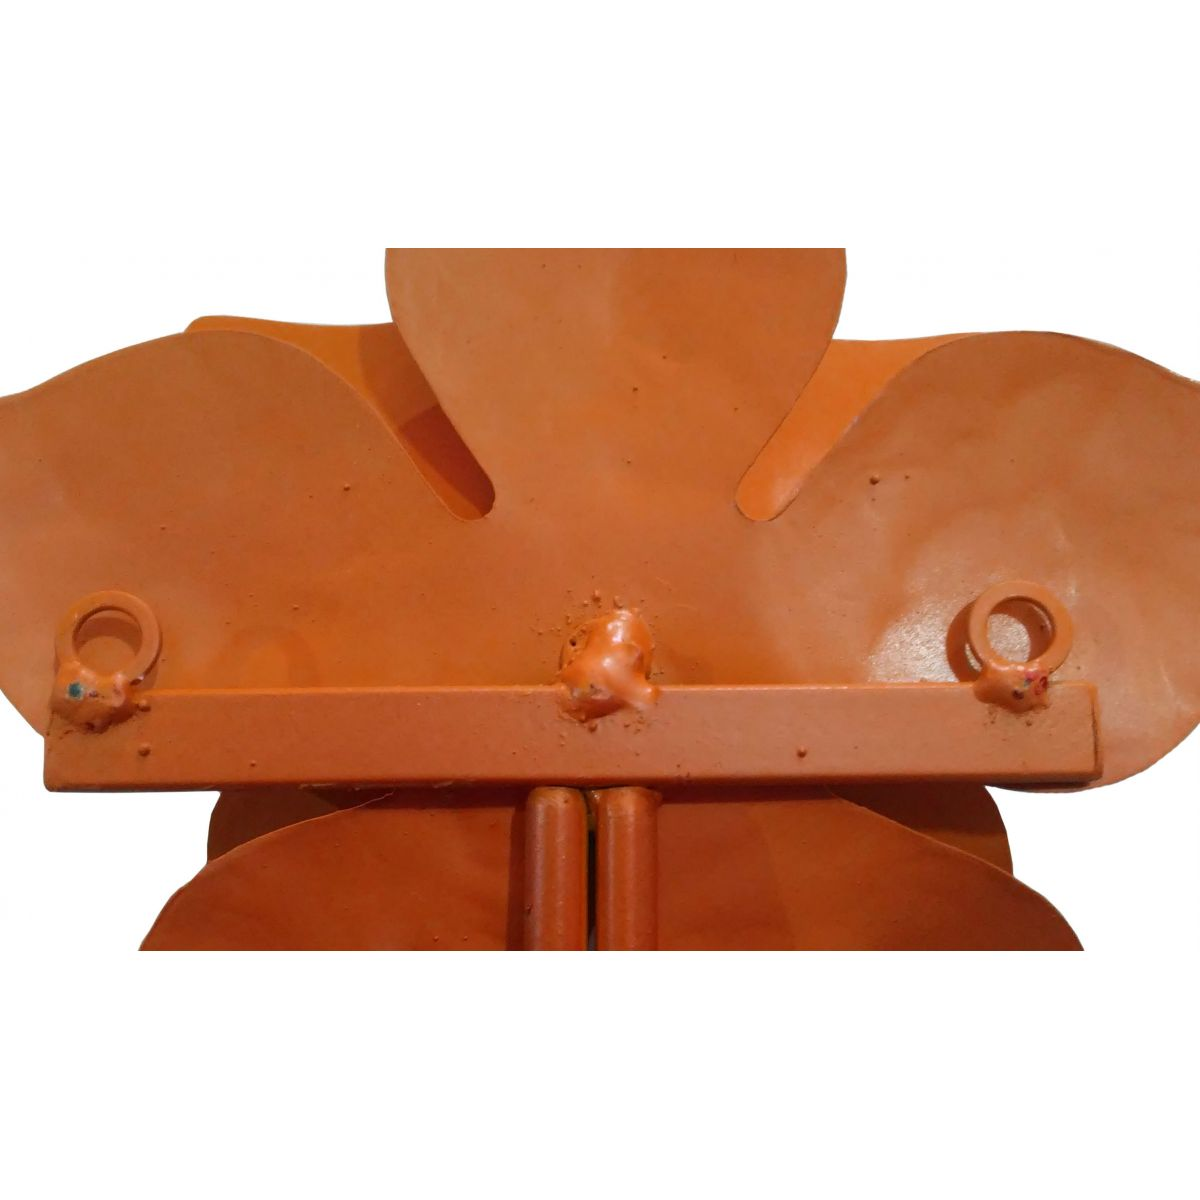 Pendurador de Roupas e Bolsas Artesanal de Ferro Colonial com Flor Rustico